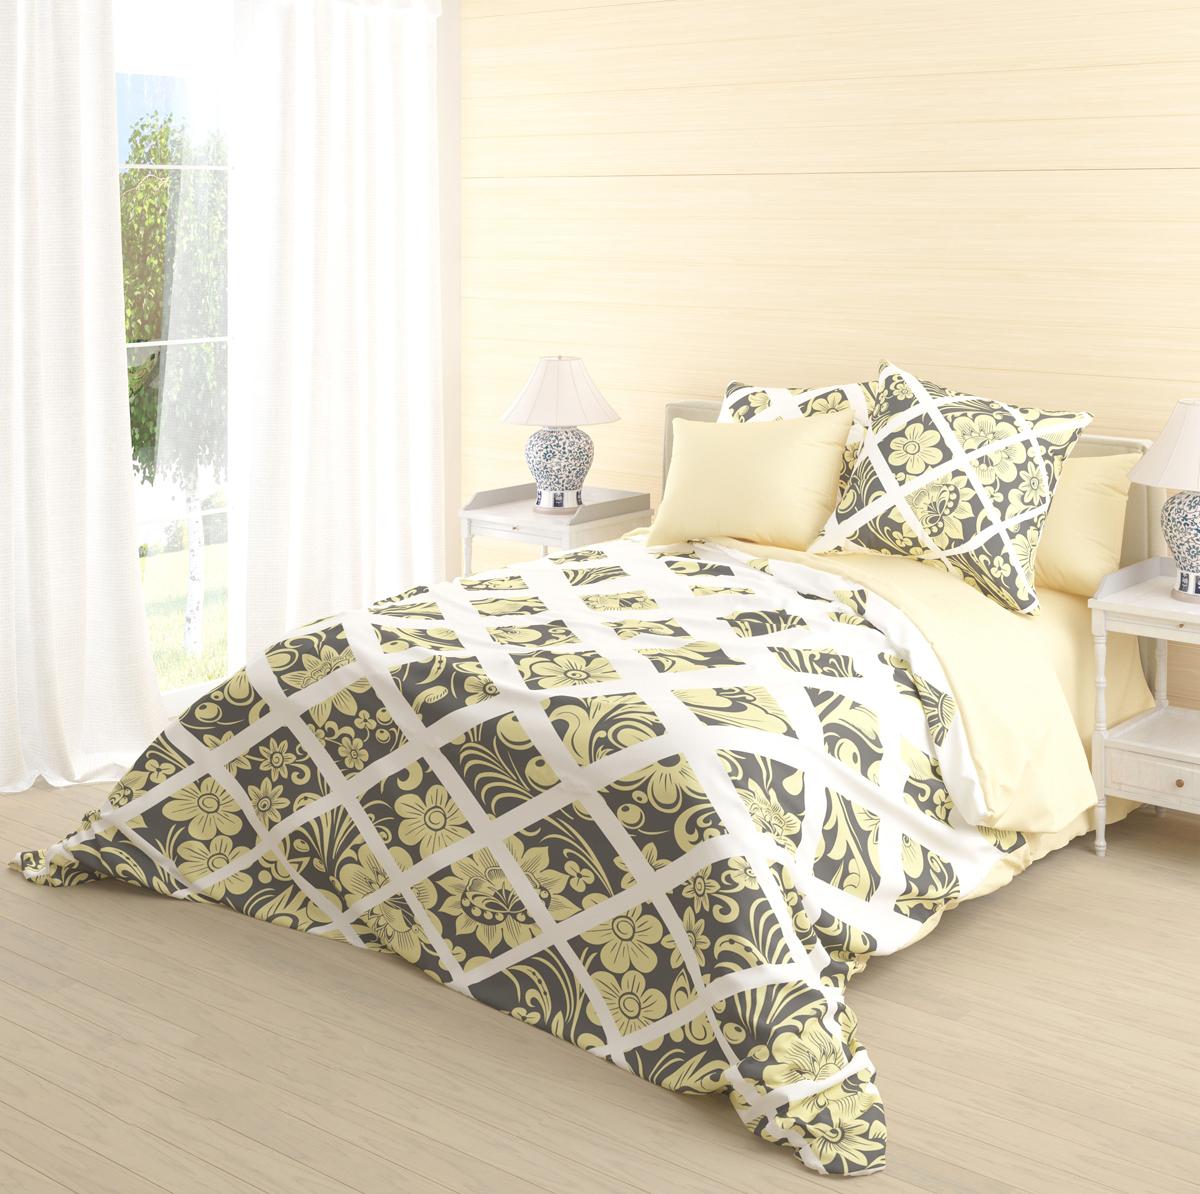 Комплект белья Волшебная ночь Sadko, 2-спальный, наволочки 70х70 см комплект белья волшебная ночь divo 2 спальный наволочки 70х70 см